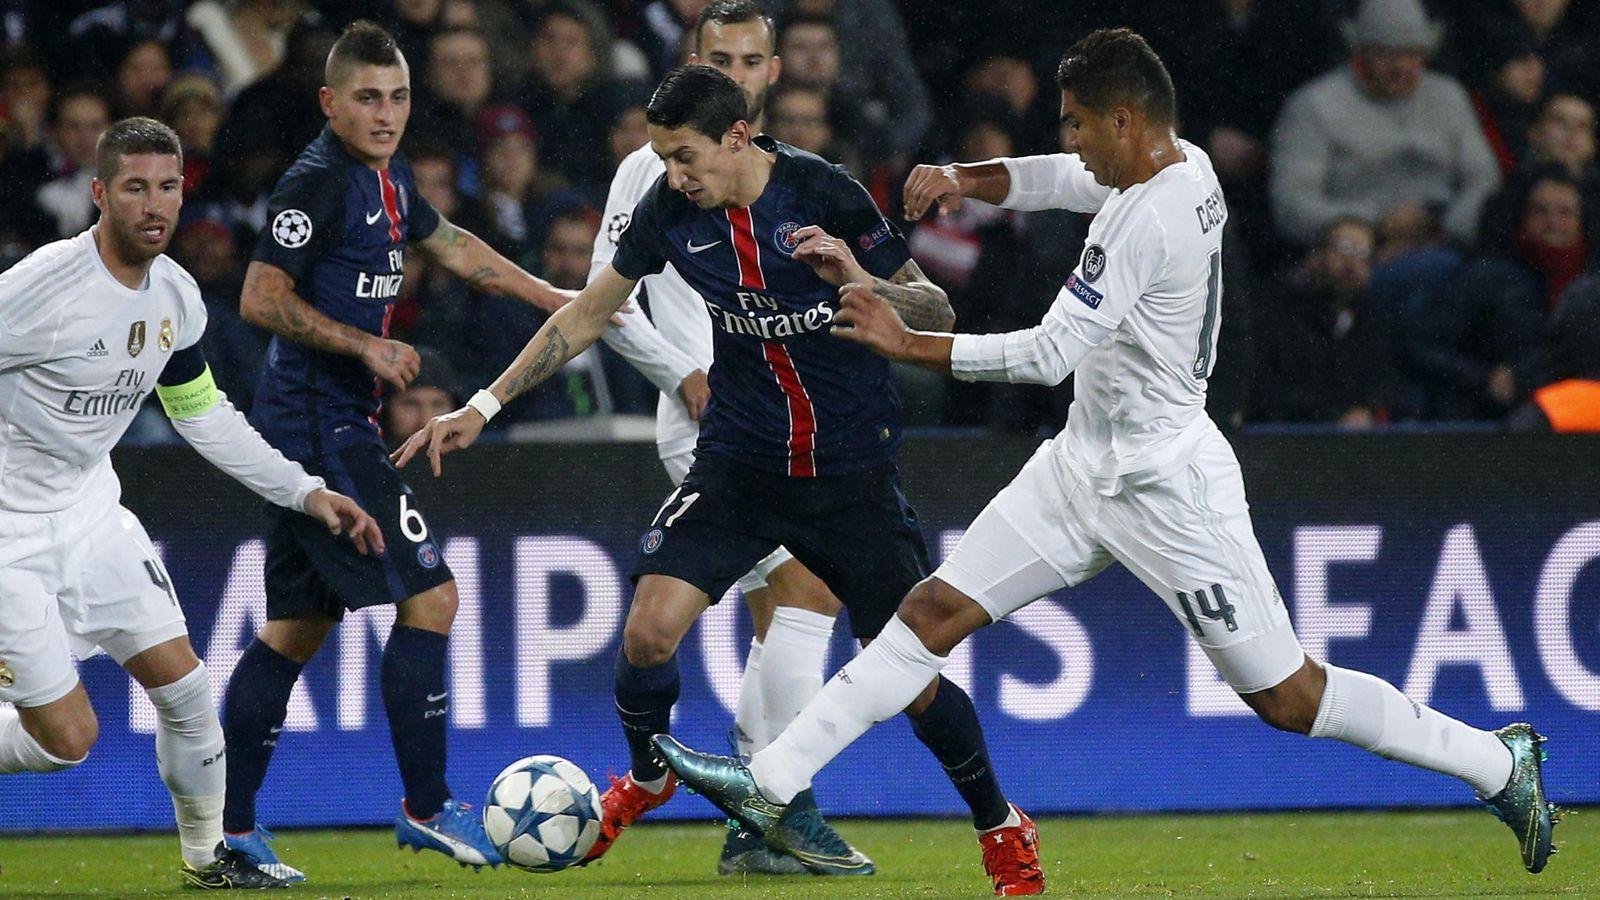 Foto: Casemiro (dcha), y Sergio Ramos (izda), pelean por el balón con Di María (c) durante el partido del grupo A de la Liga de Campeones. (EFE)